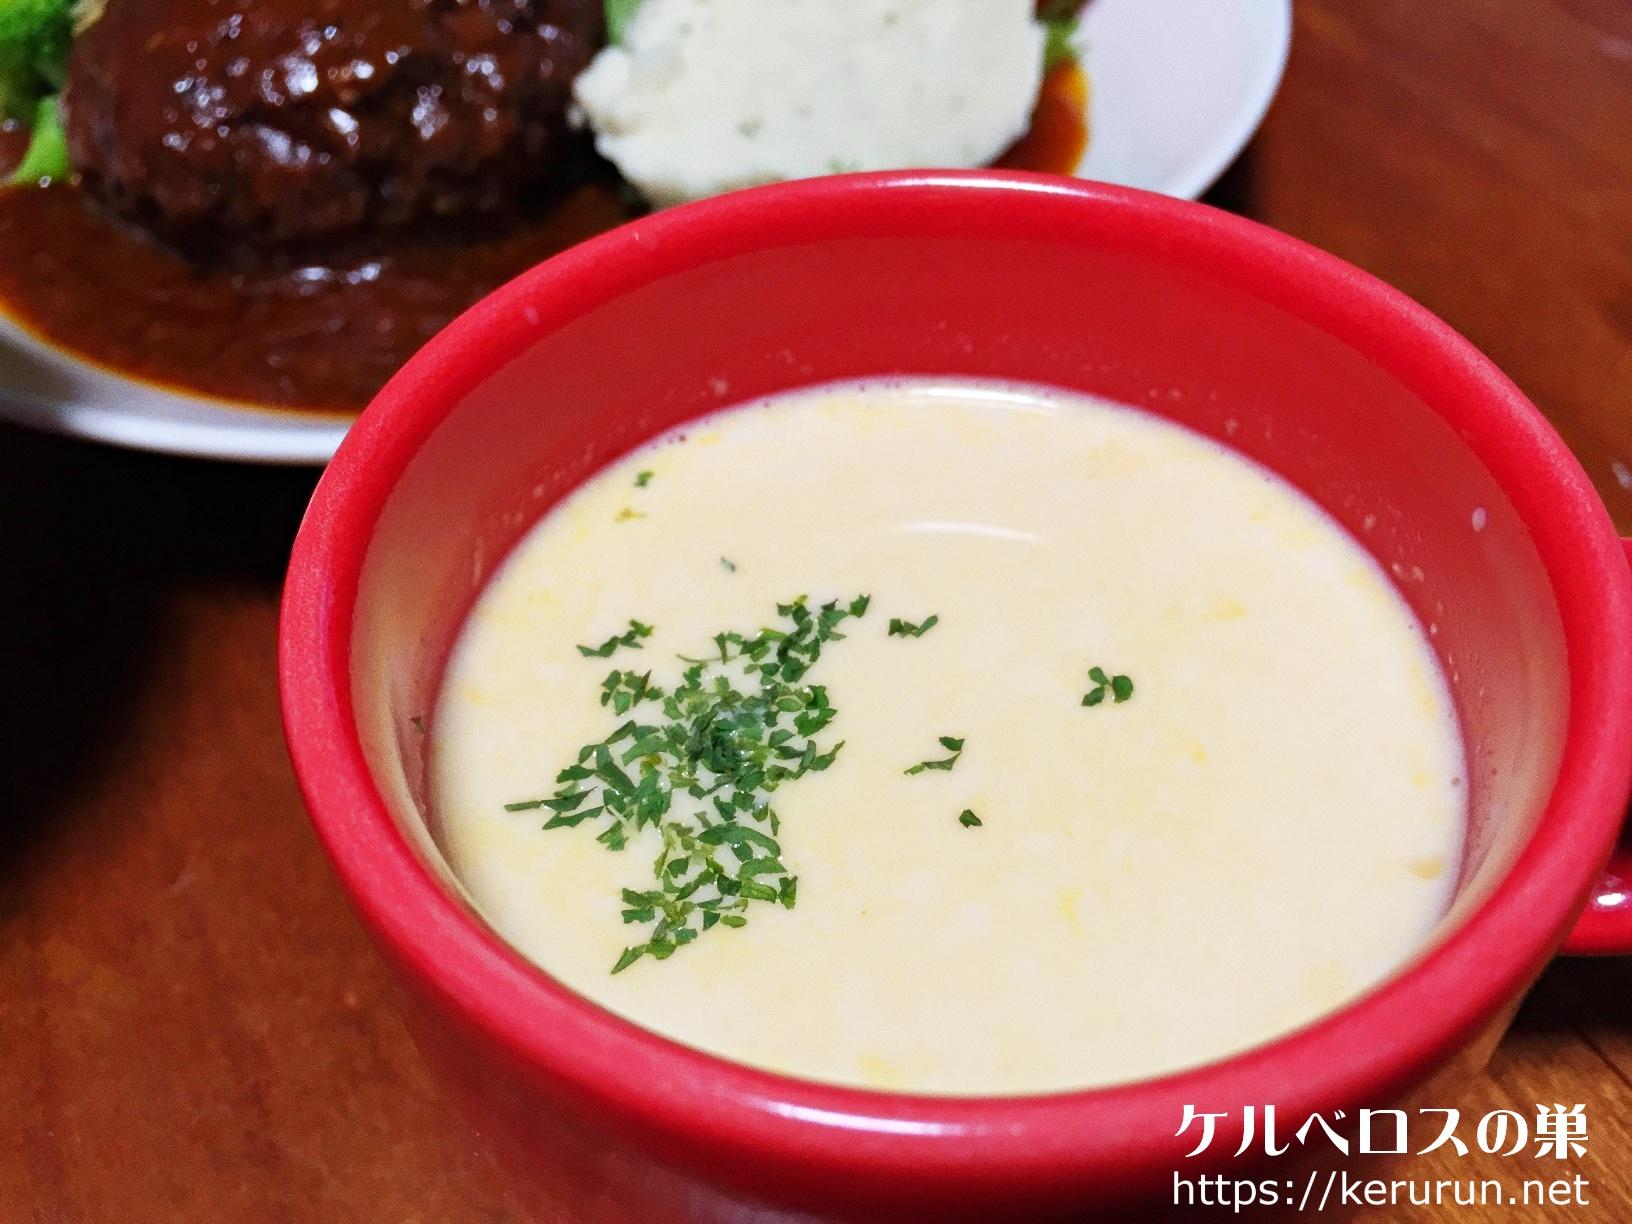 ベル食品スープはやっぱり北海道でしょ。コーン